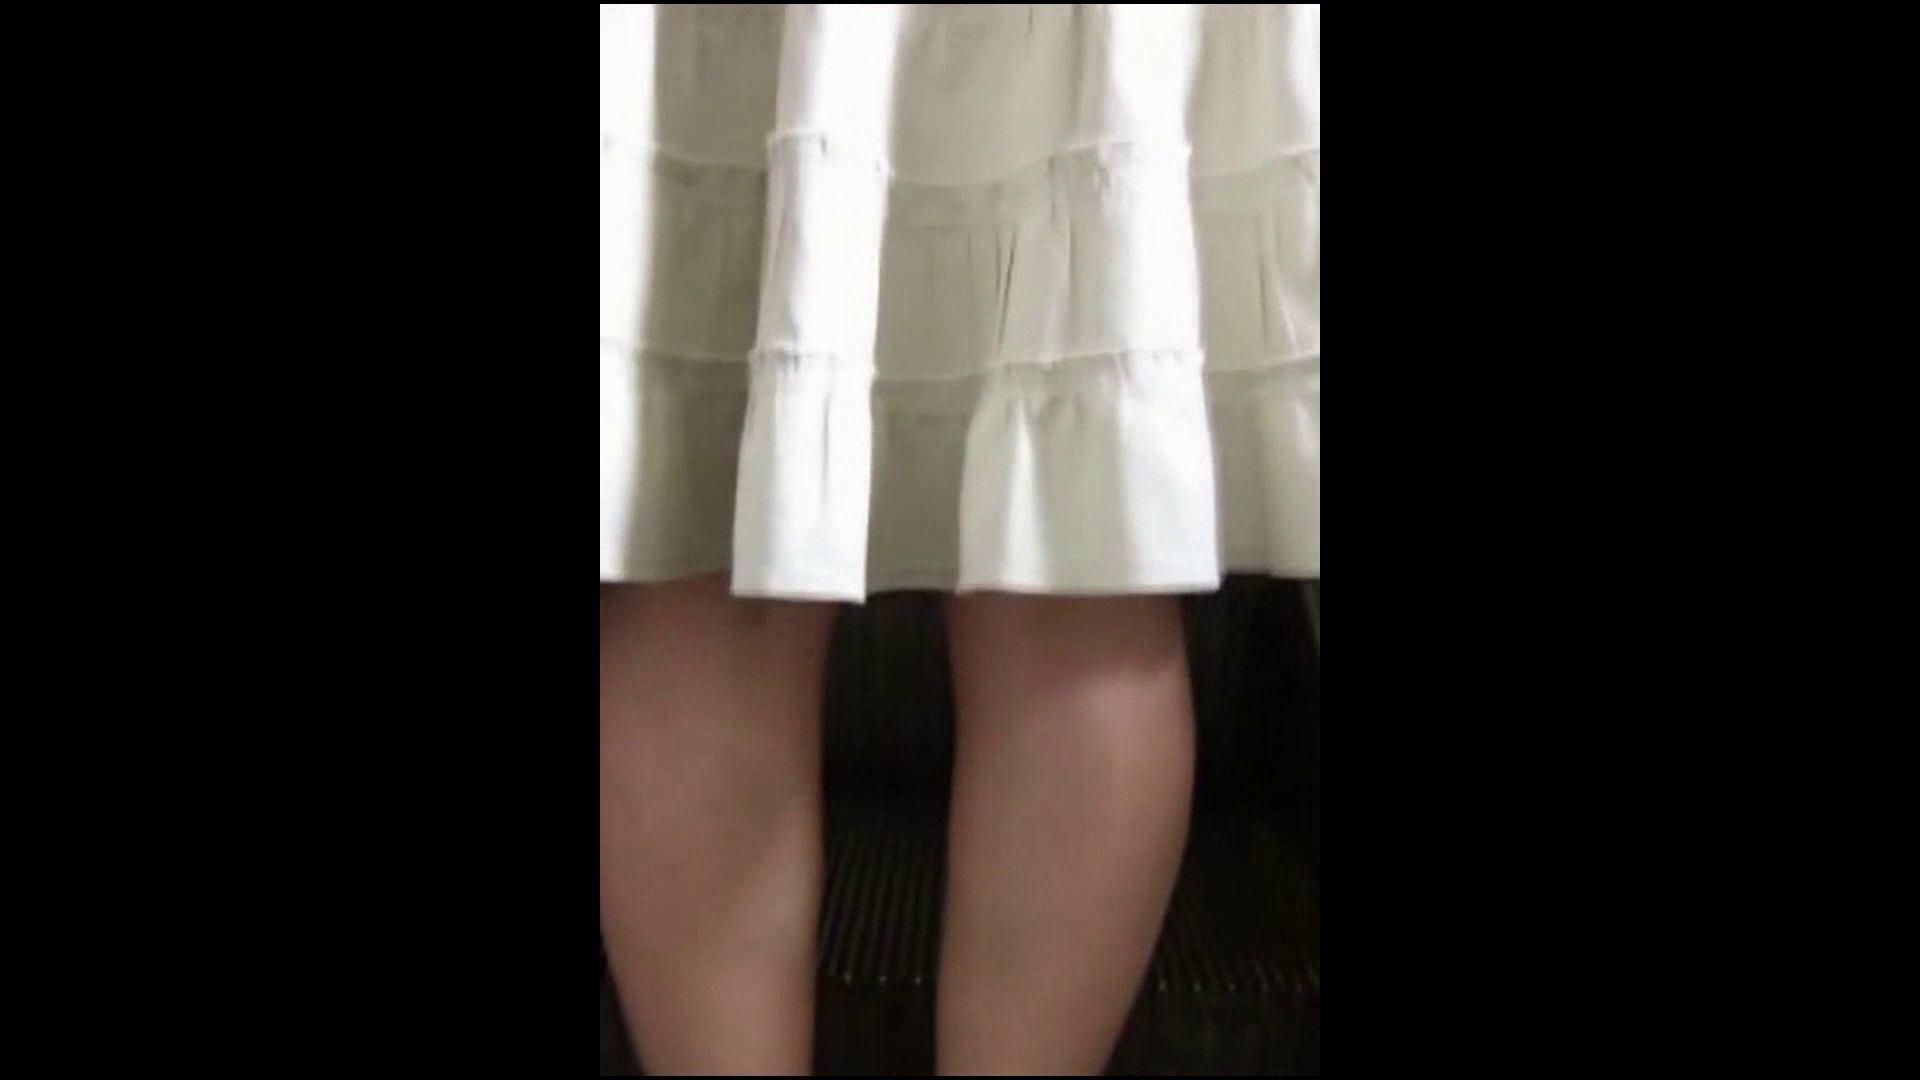 綺麗なモデルさんのスカート捲っちゃおう‼vol01 0  78pic 56